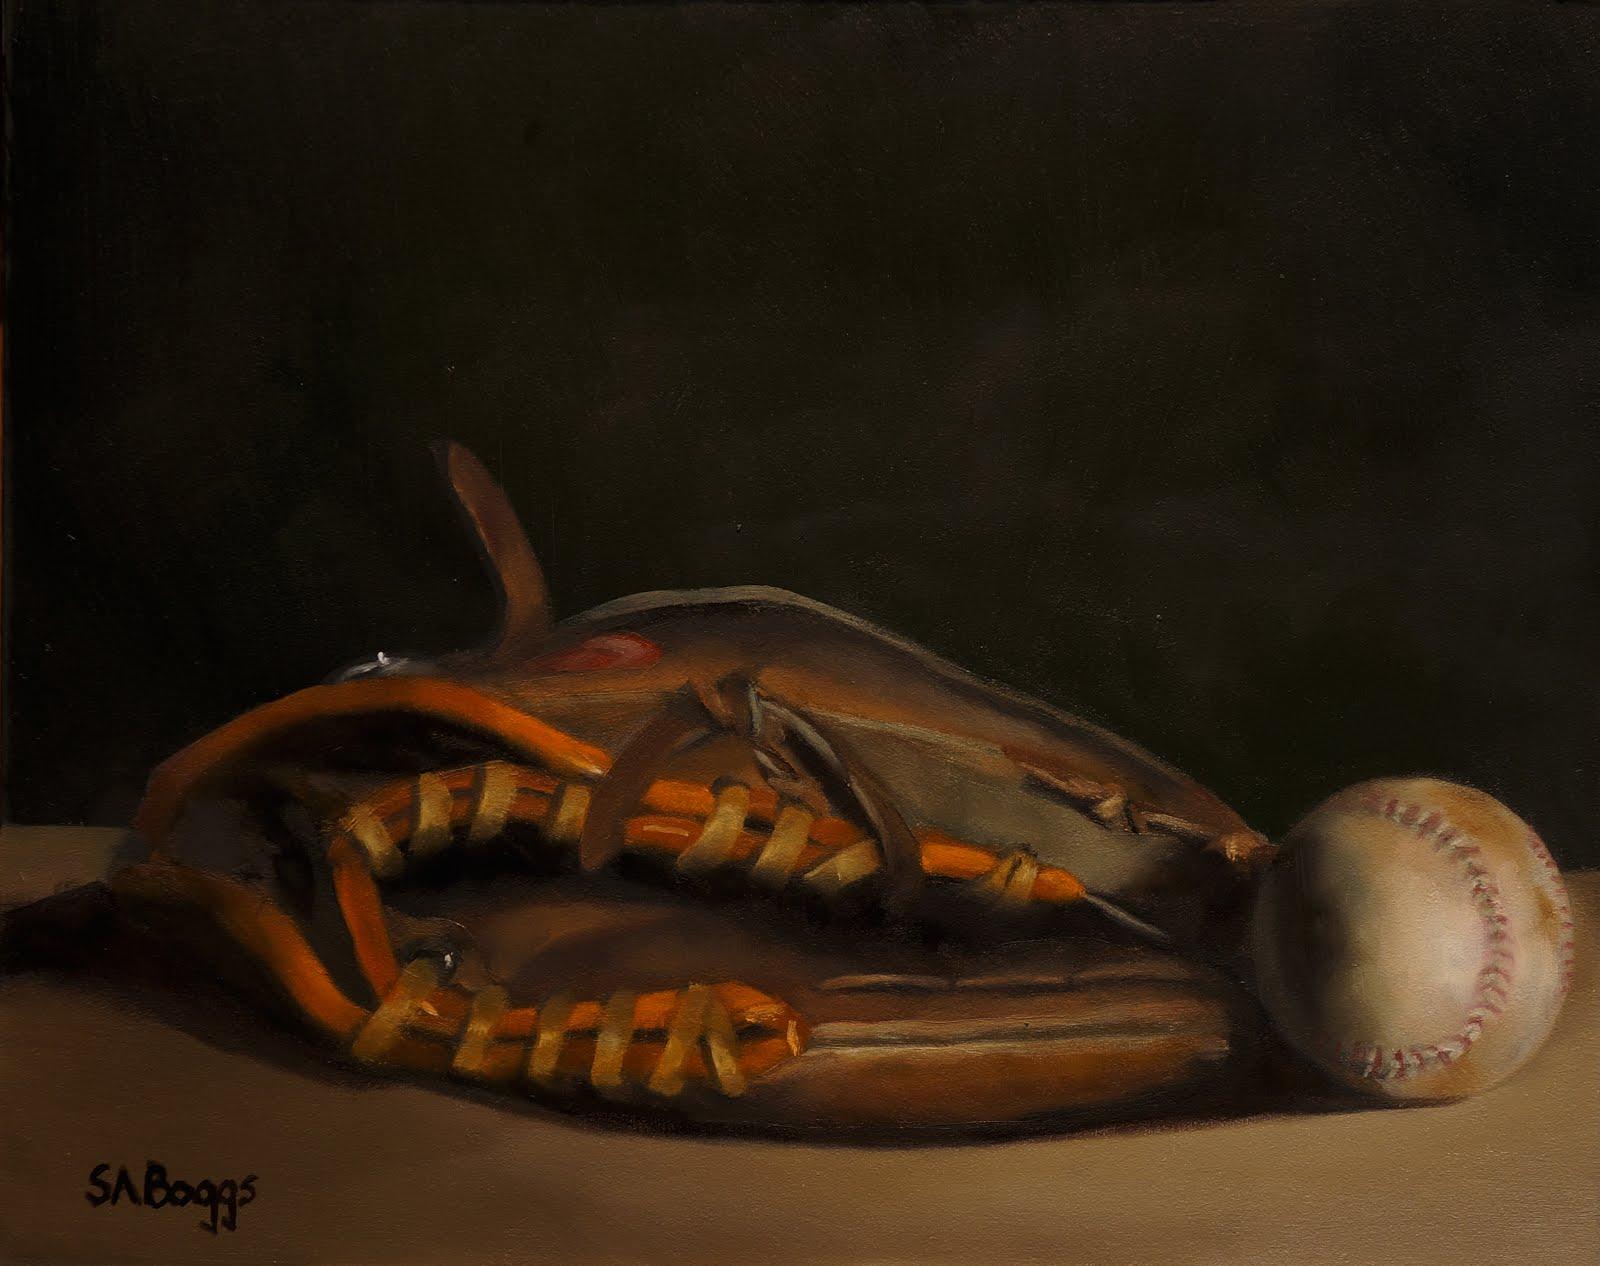 Baseball Glove Paint : The artwork of steven allen boggs january